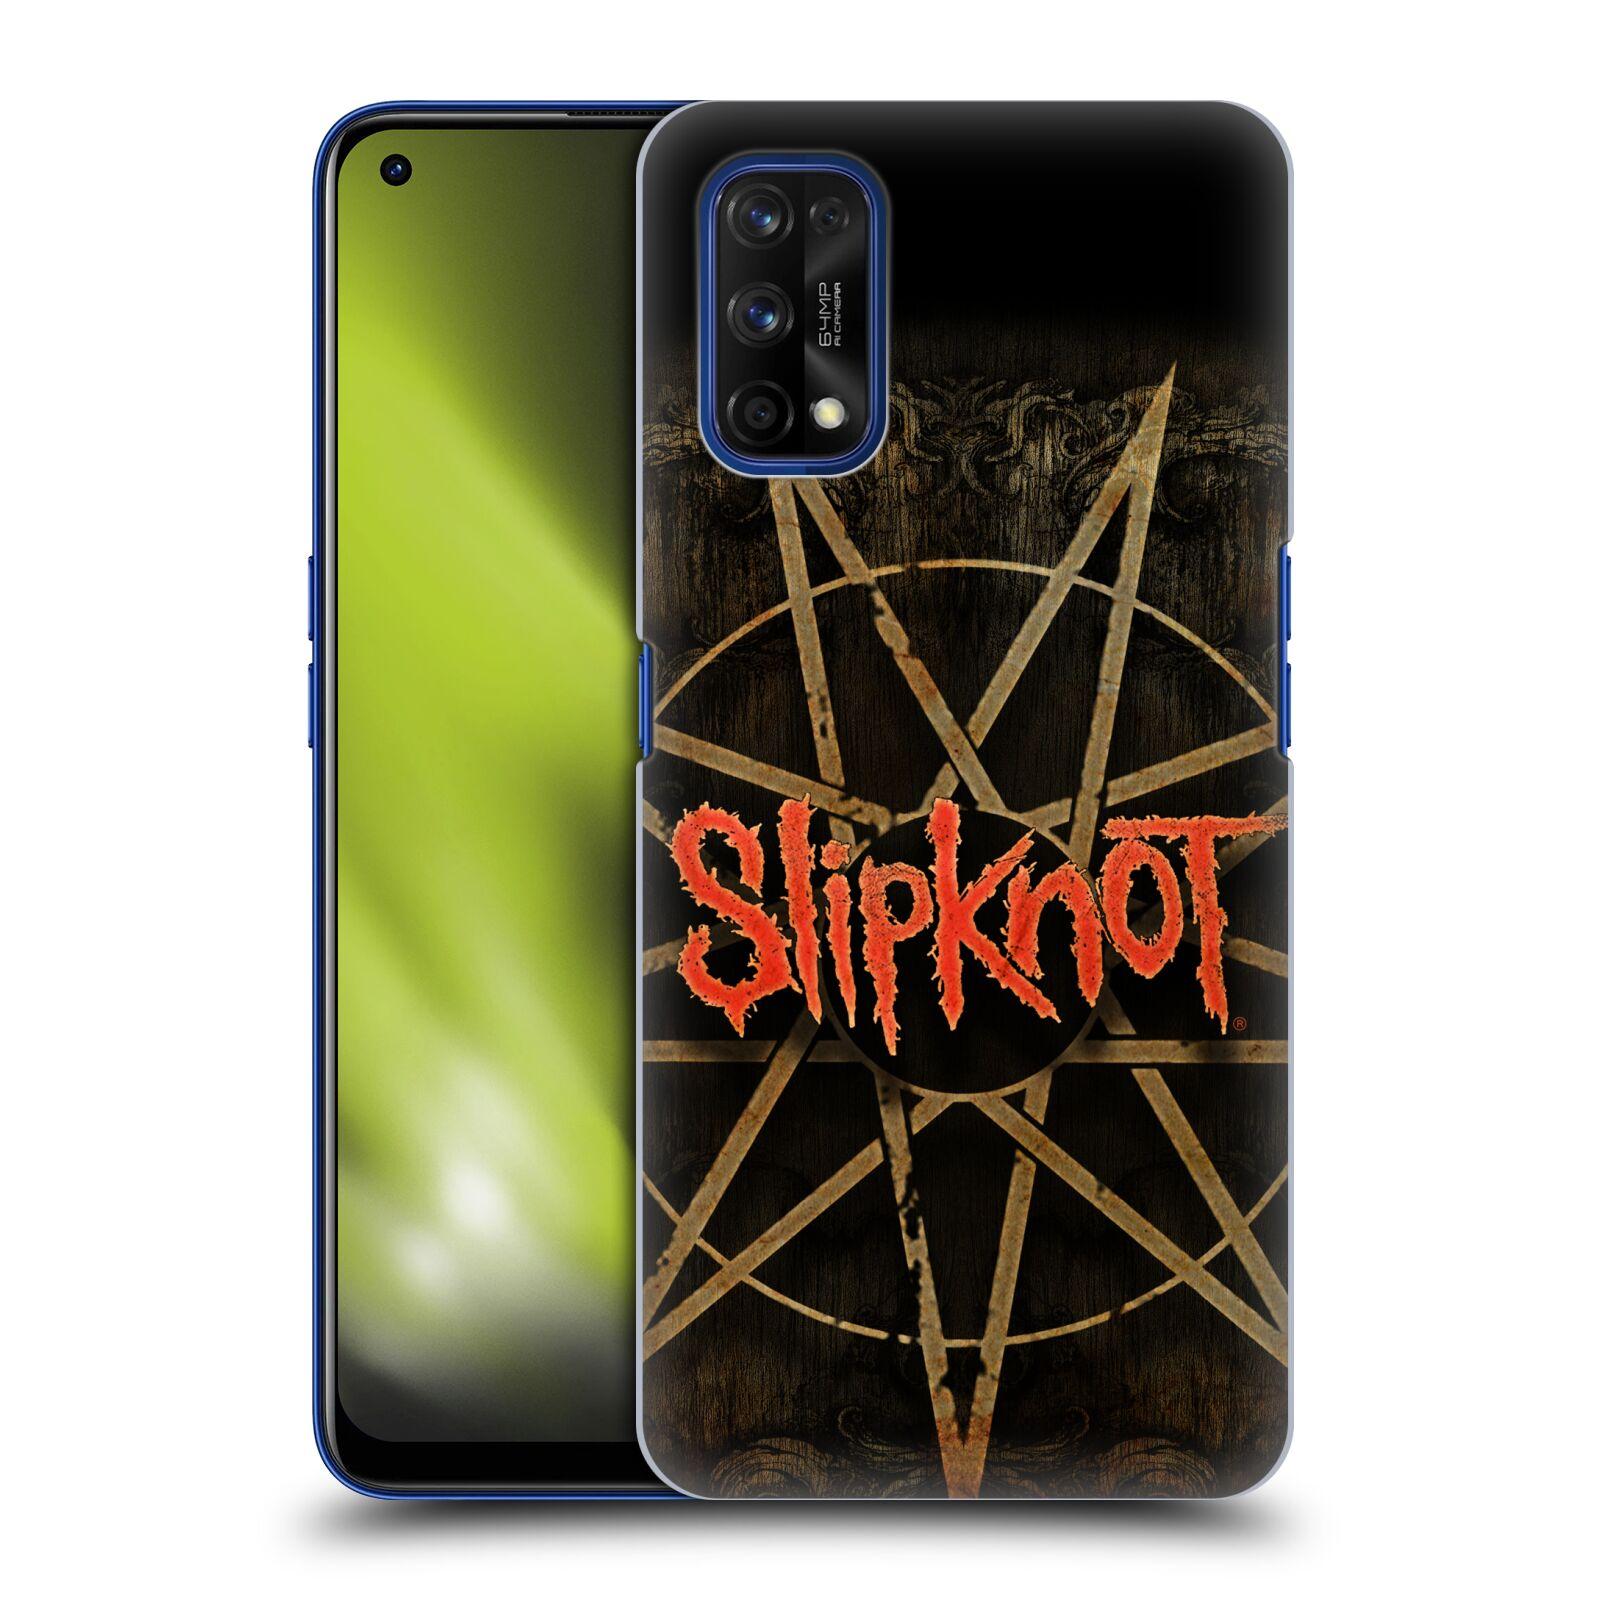 Plastové pouzdro na mobil Realme 7 Pro - Head Case - Slipknot - Znak